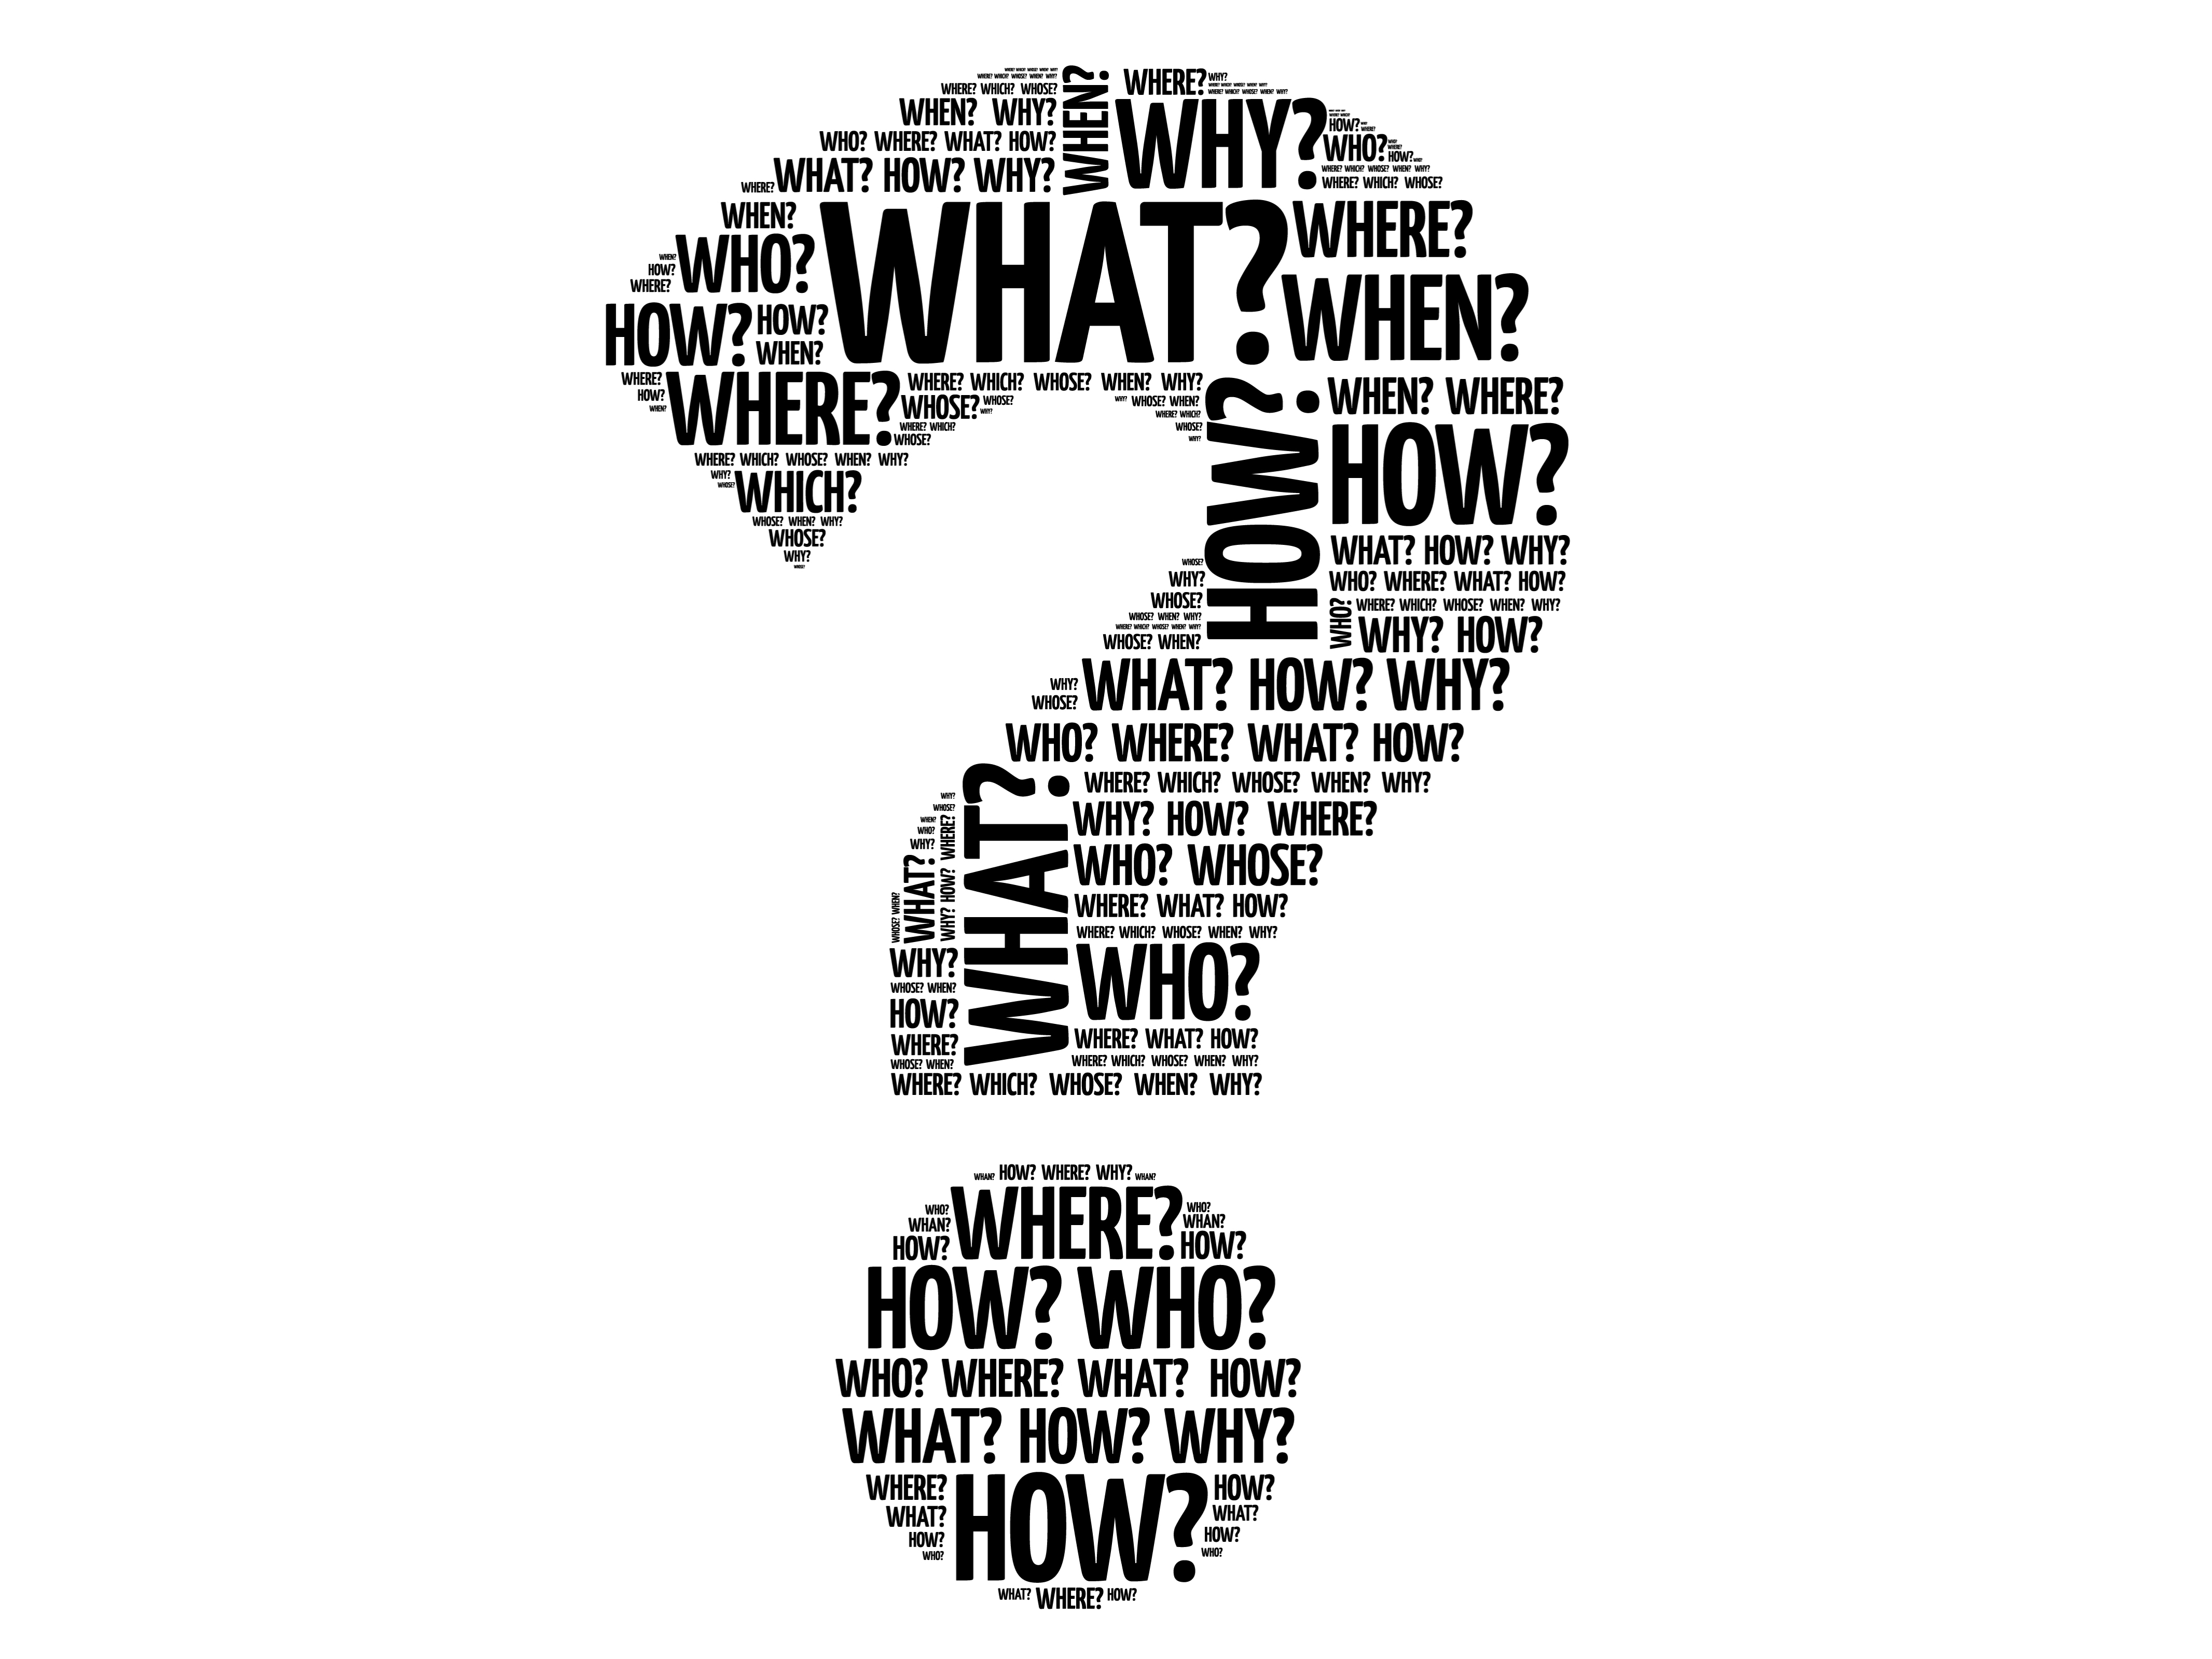 shutterstock_243217471 question mark